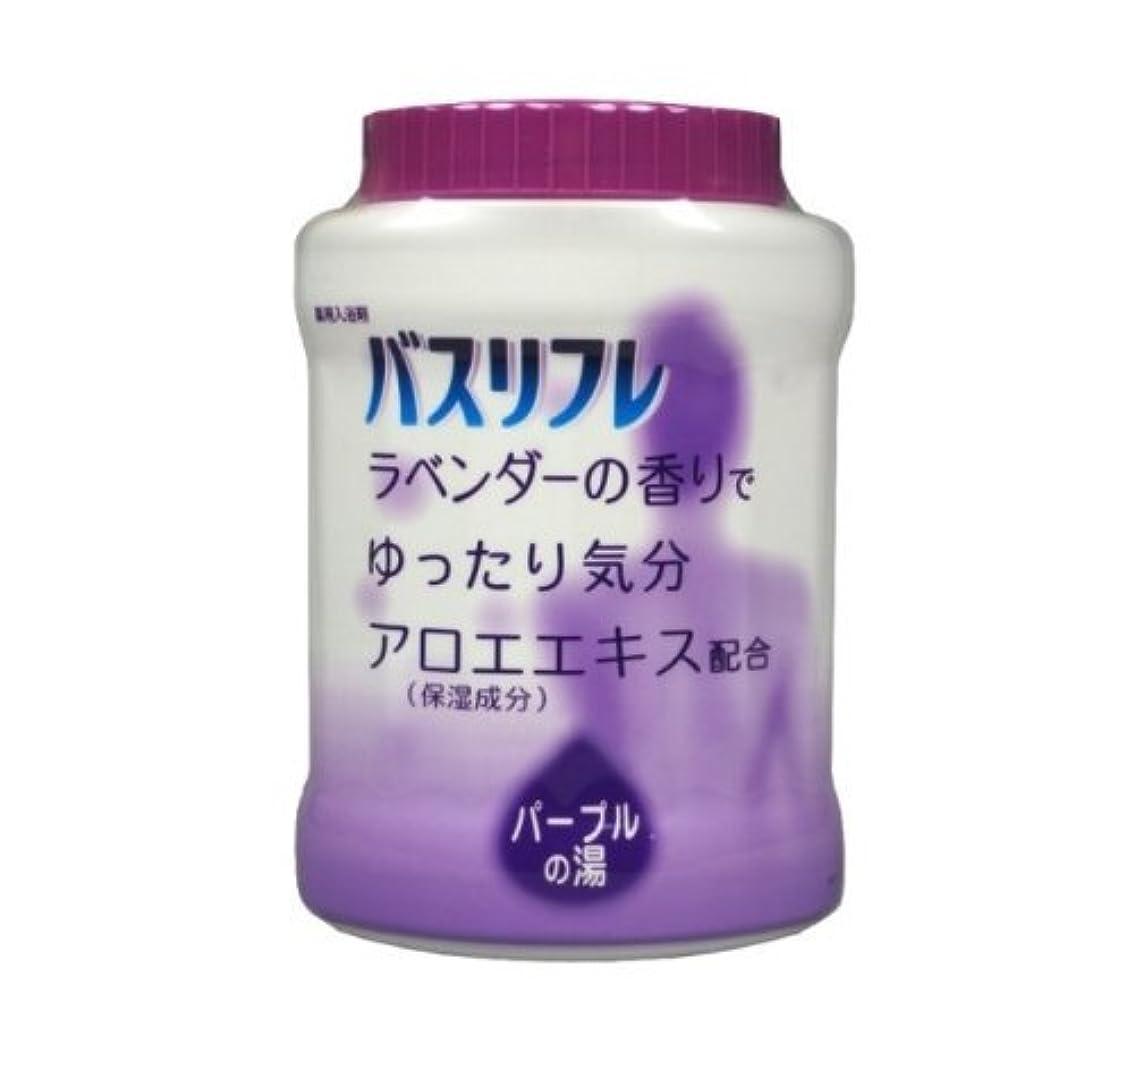 買い物に行くダーツ読みやすいバスリフレ 薬用入浴剤 ラベンダーの香り 680G Japan